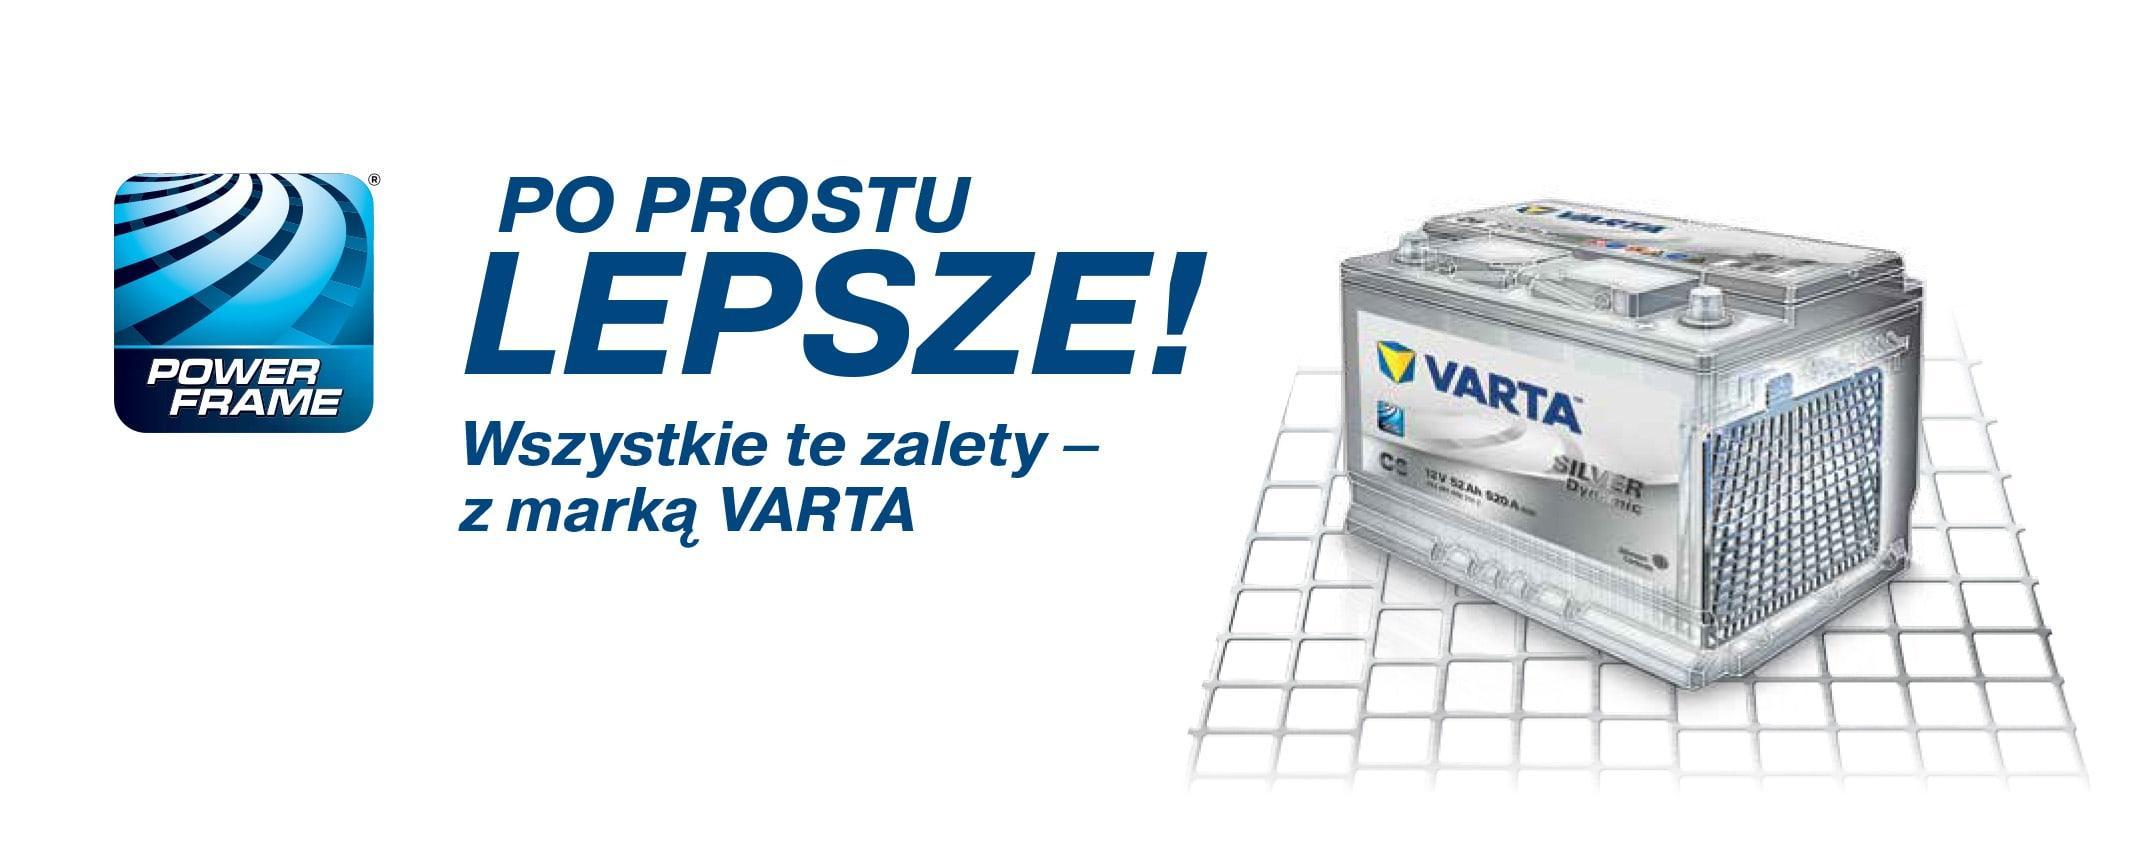 VARTA powerframe